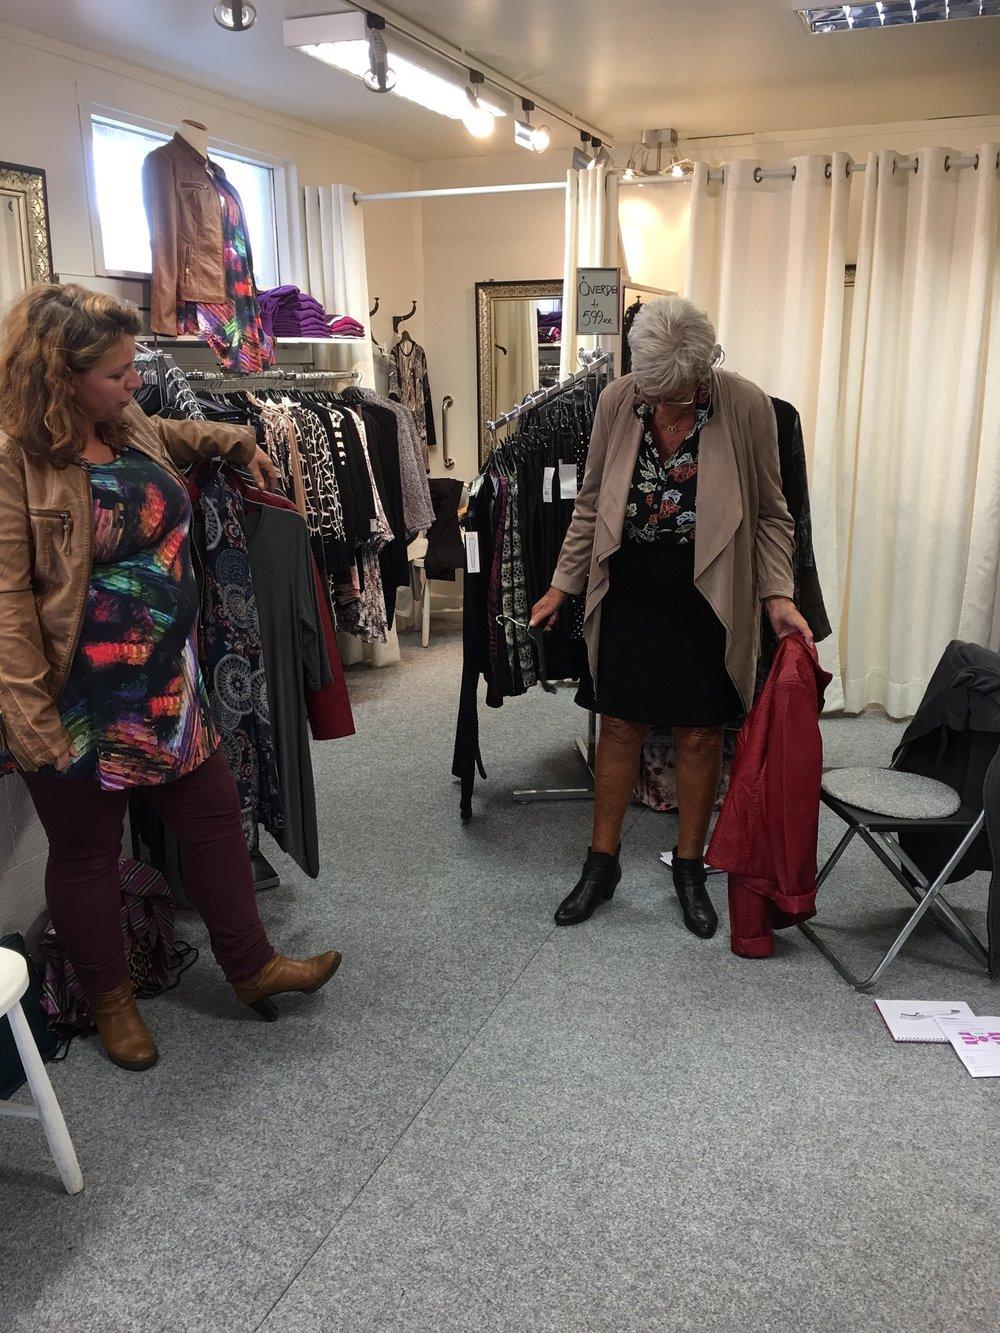 Eva och Karin i en härlig diskussion om kjol längd och vad som Eva känner sig bekväm i. För det är det som är viktigt vad du som kund är bekväm i. Vi i ModeStugan kan hjälpa dig att hitta det.